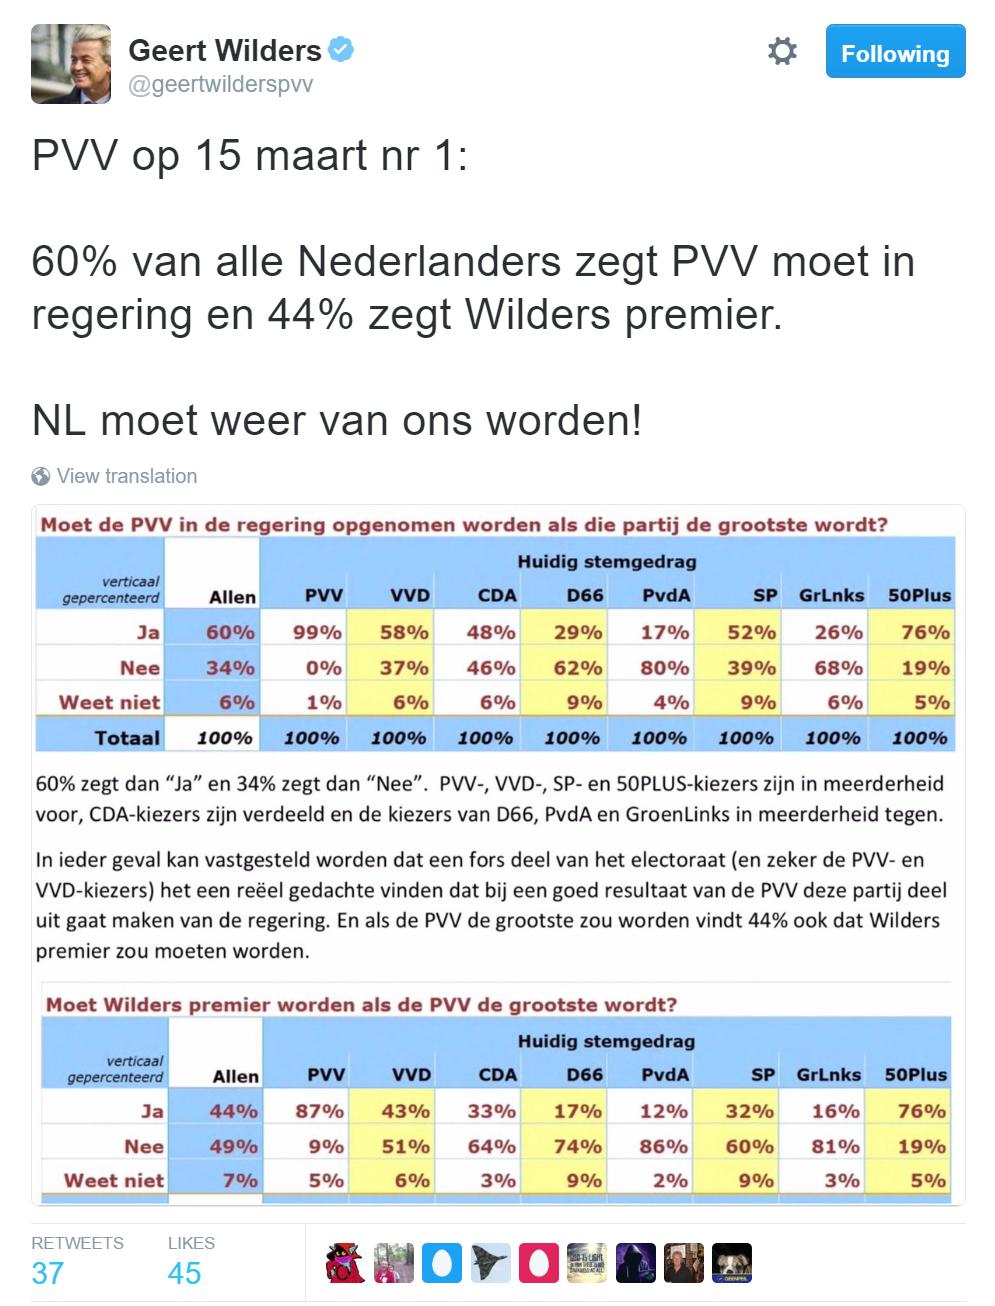 Geert Wilders, statistieken koning